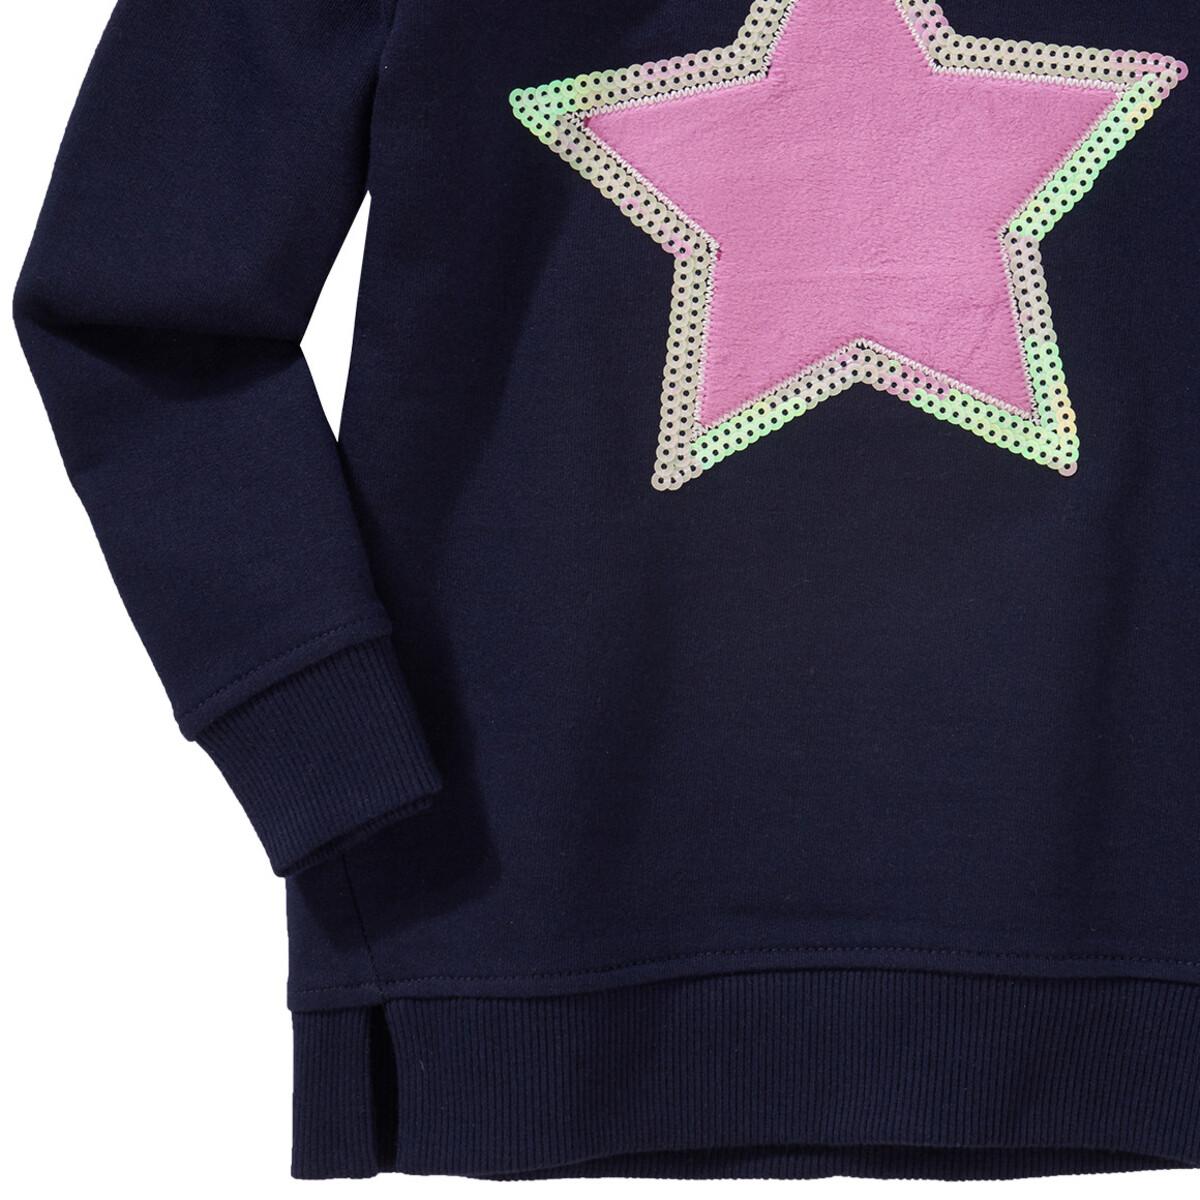 Bild 3 von Mädchen Sweatshirt mit Plüsch-Applikation